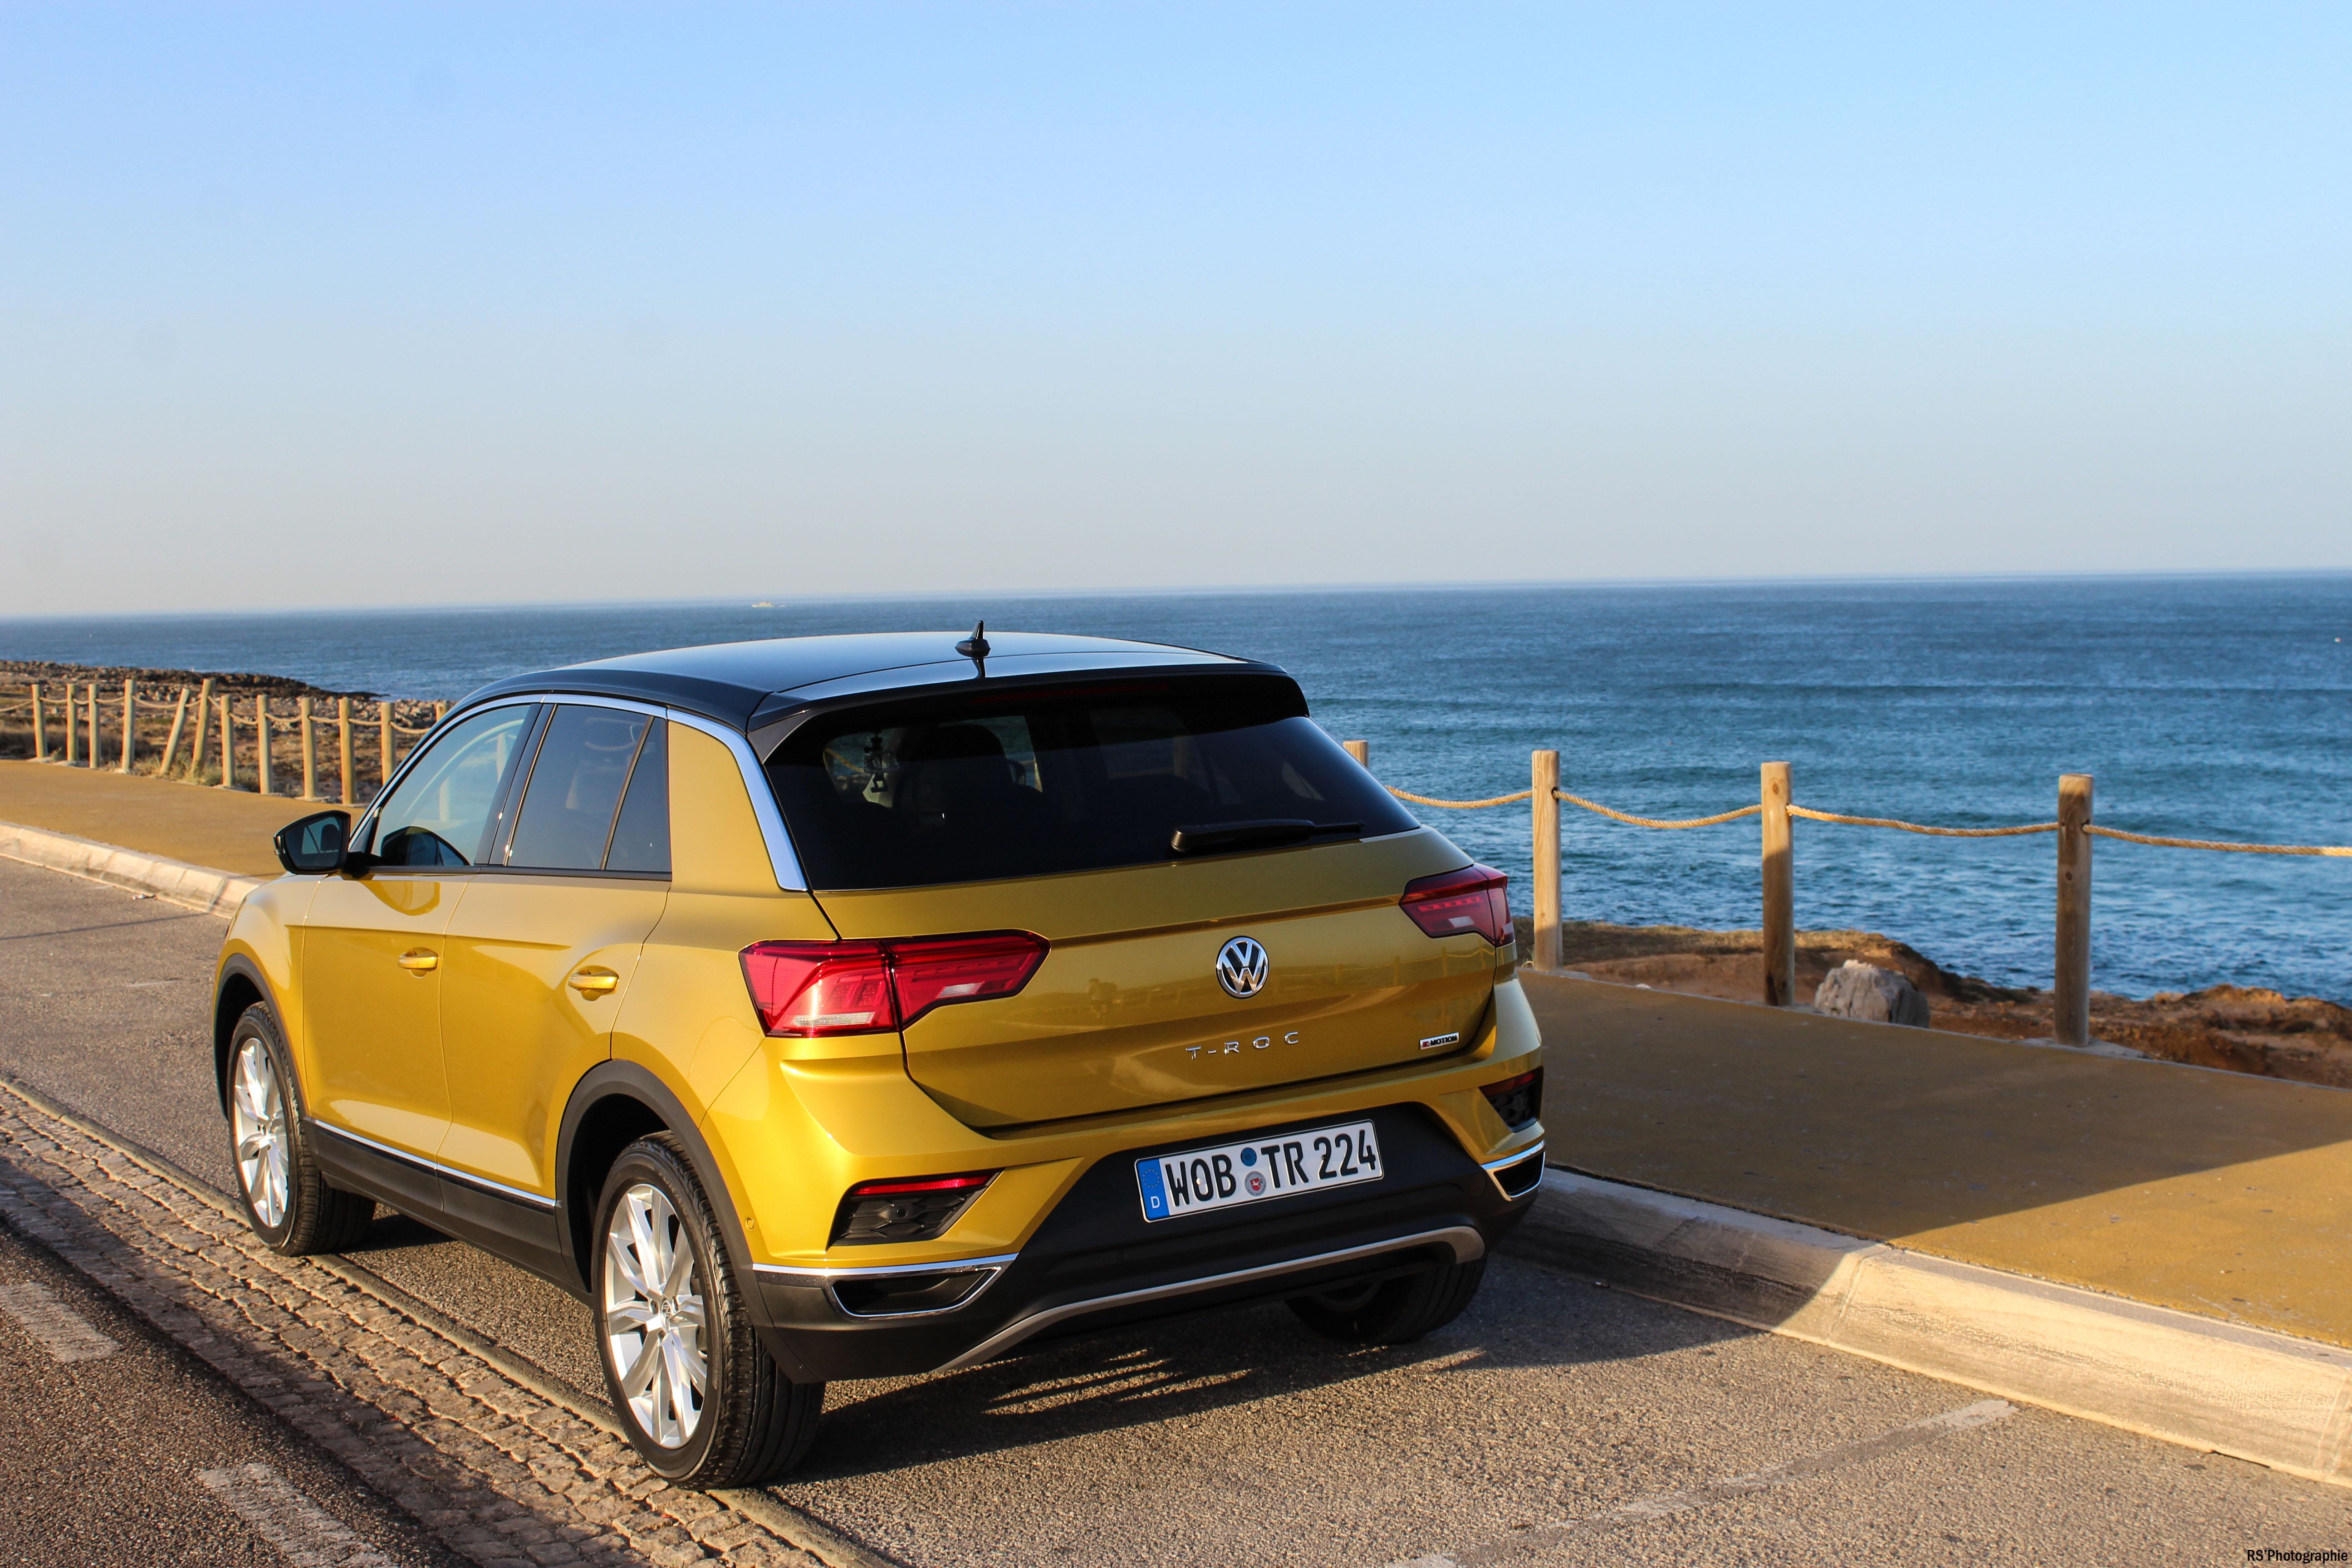 Volkswagentroc86-vw-t-roc-arriere-rear-Arnaud Demasier-RSPhotographie